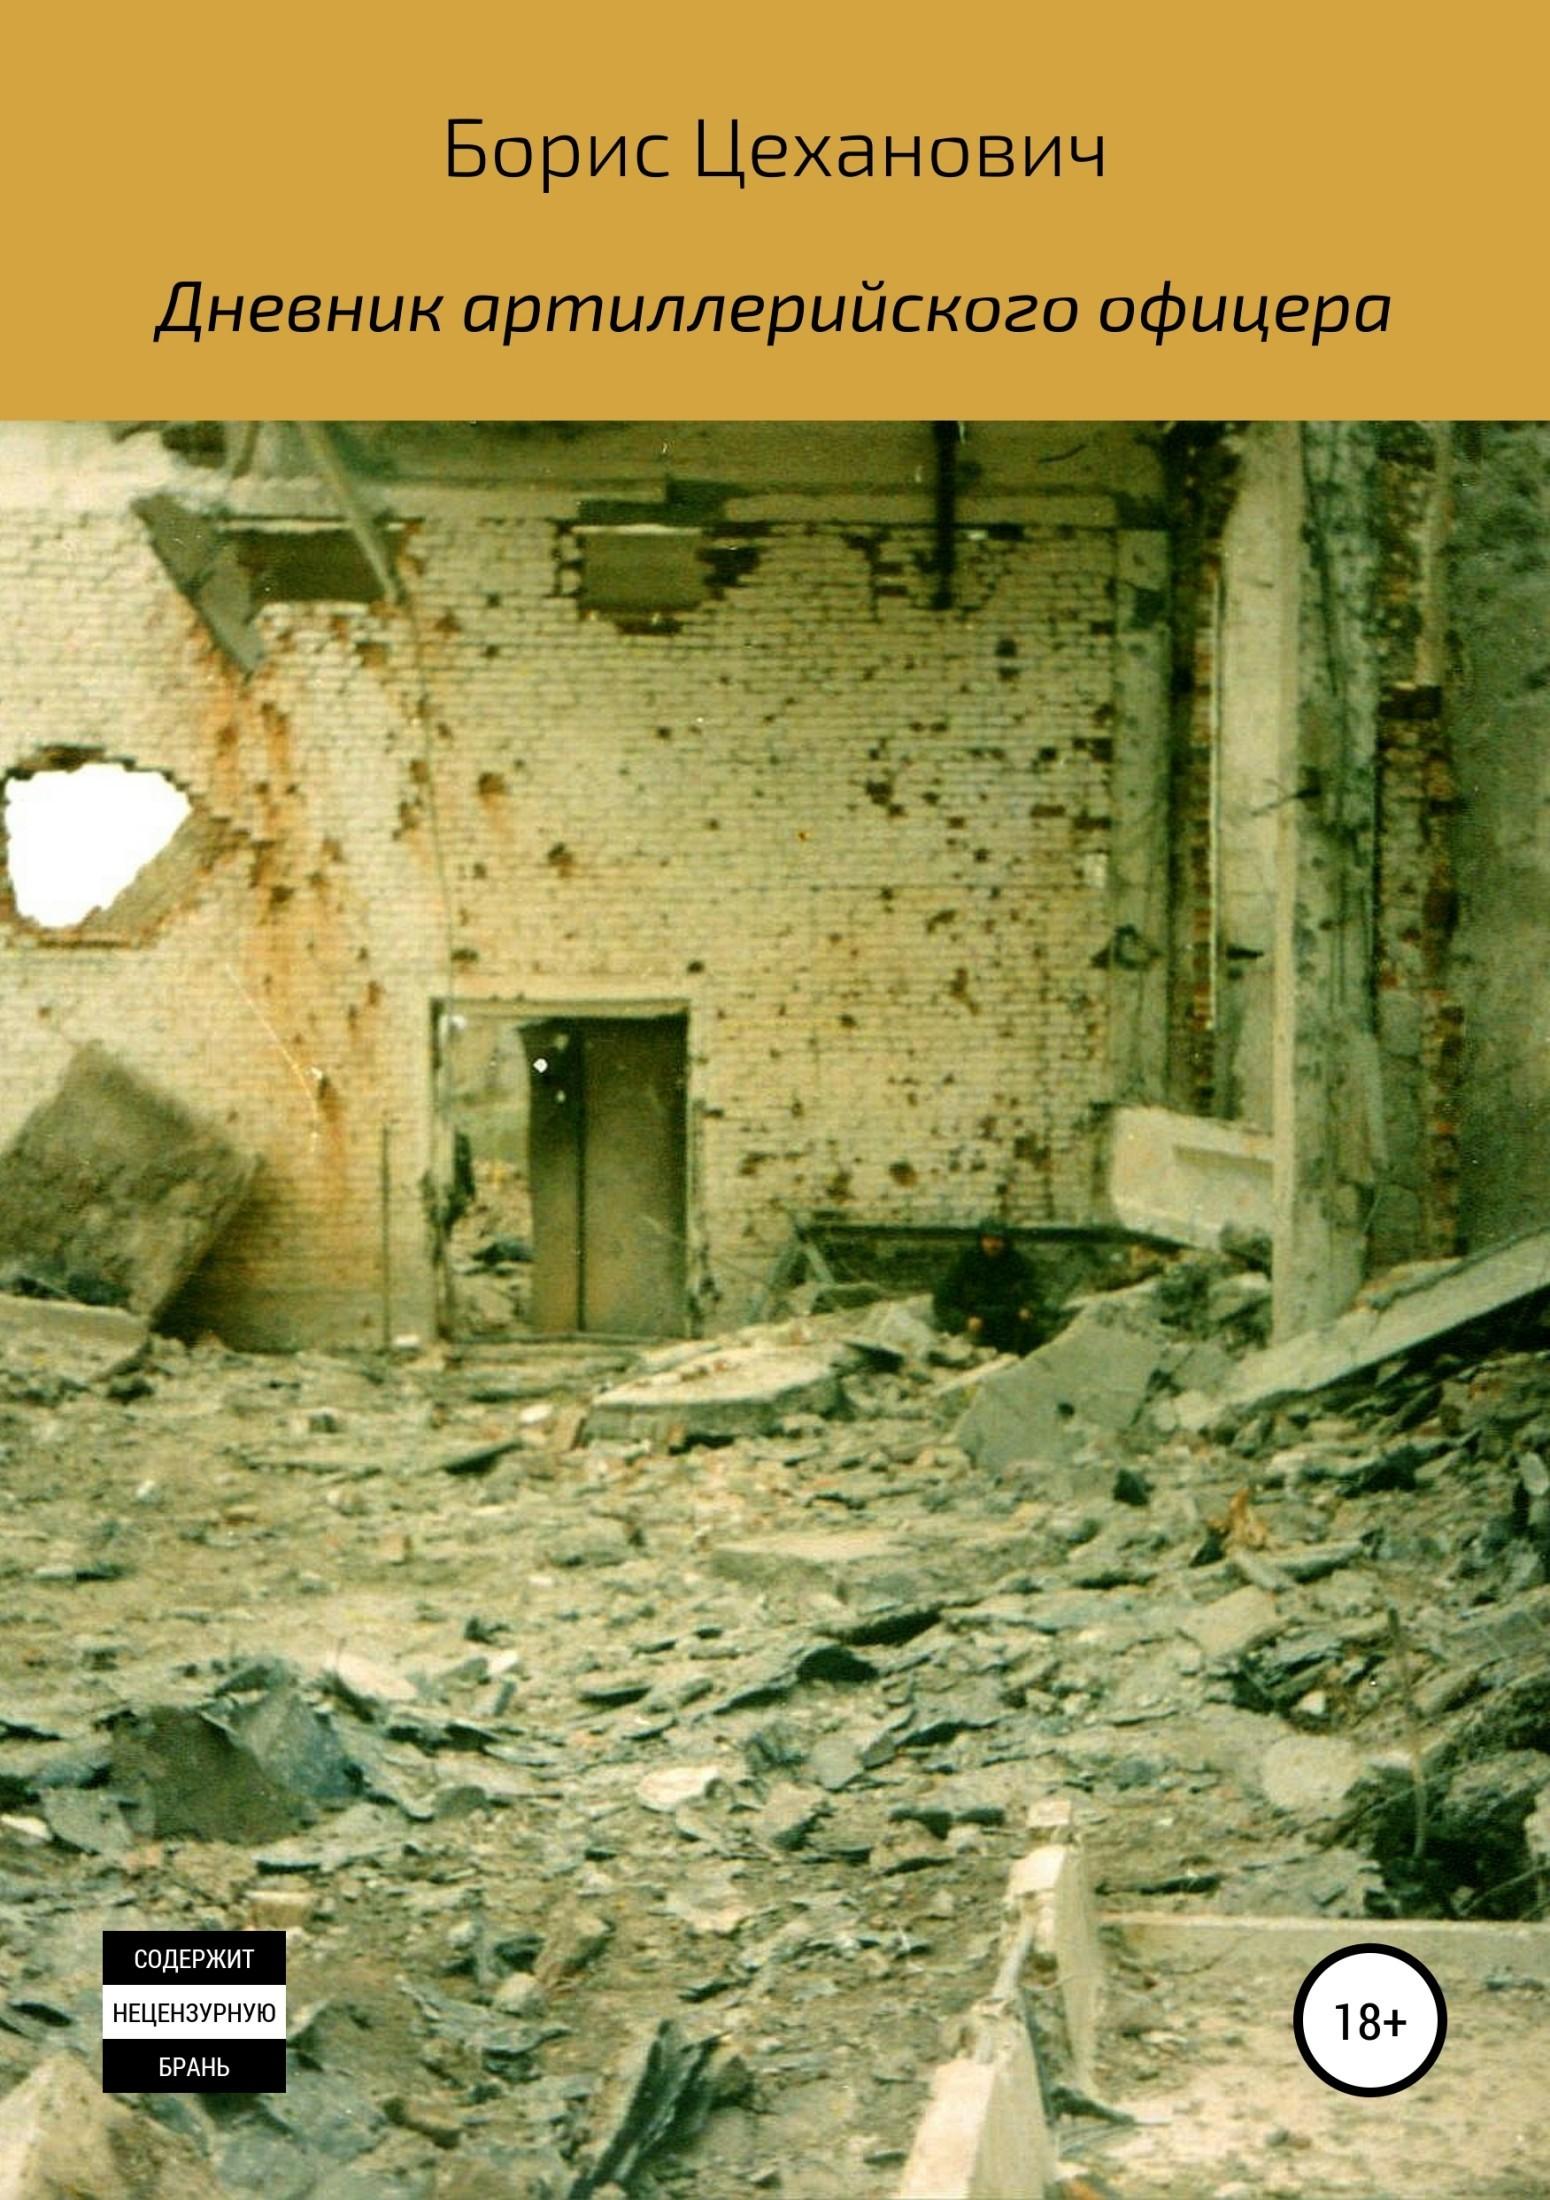 Дневник артиллерийского офицера